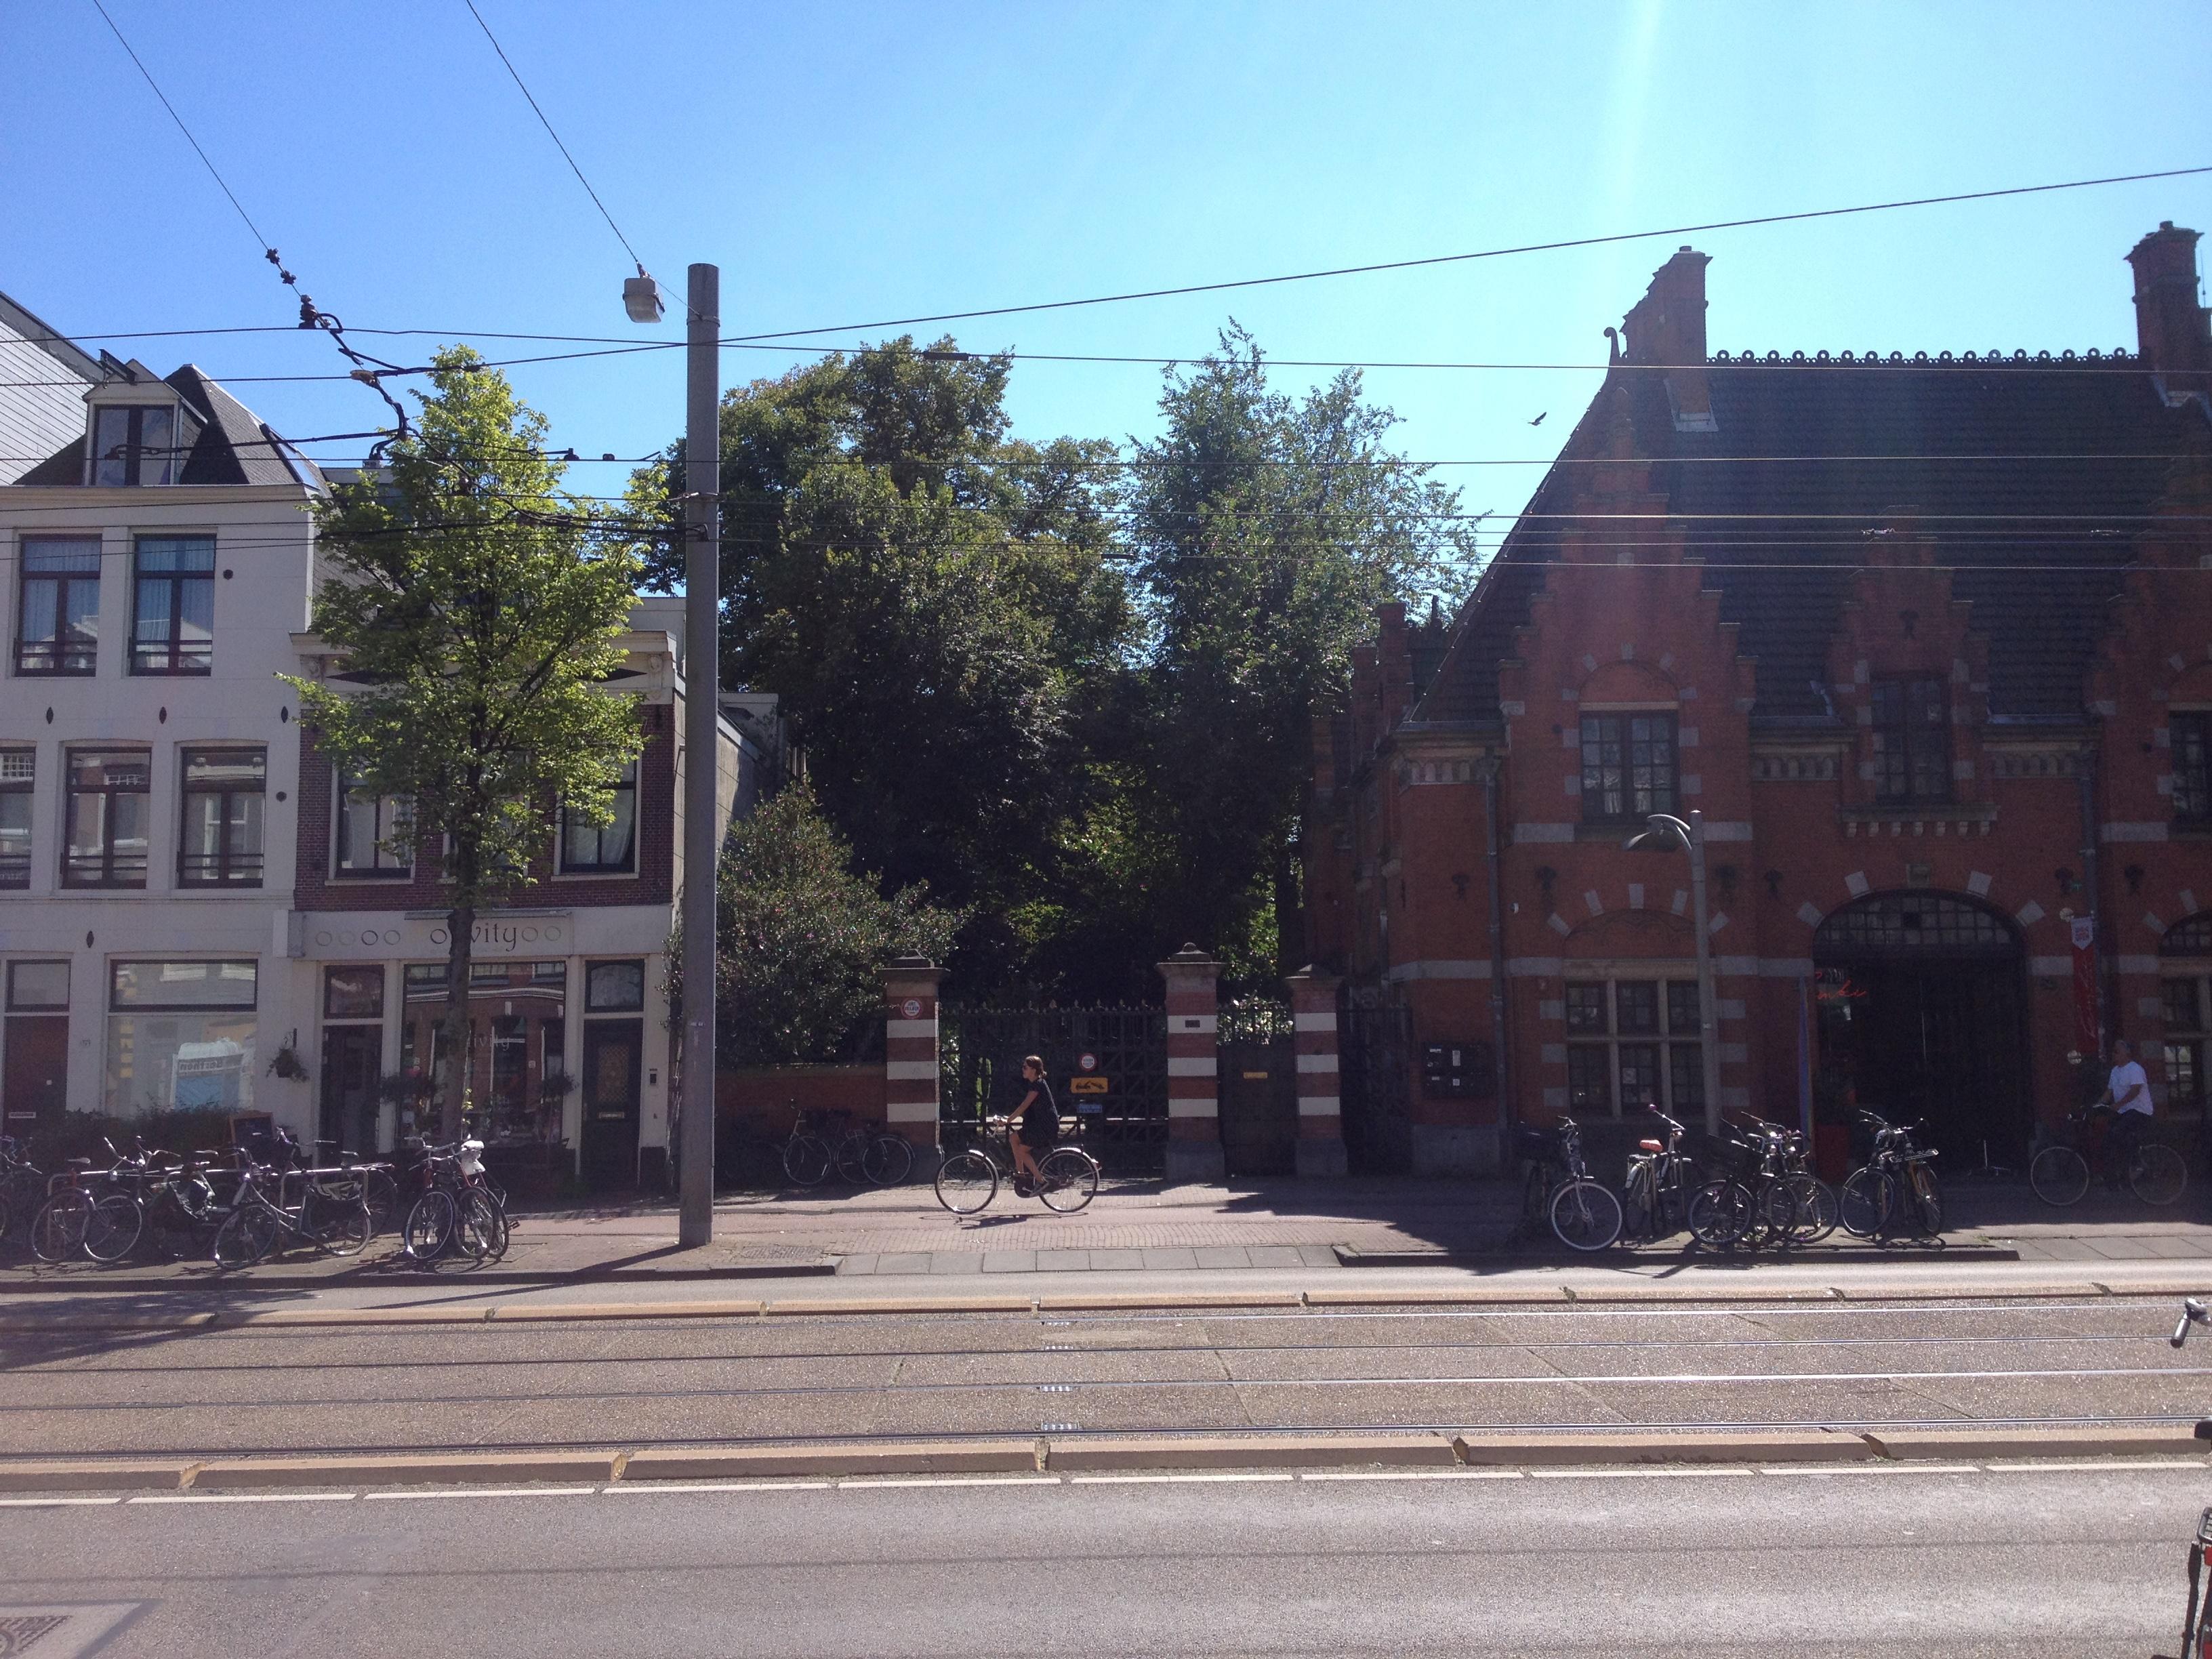 Duurste huis van amsterdam villa betty aan de overtoom over amsterdam - Ingang van een huis ...